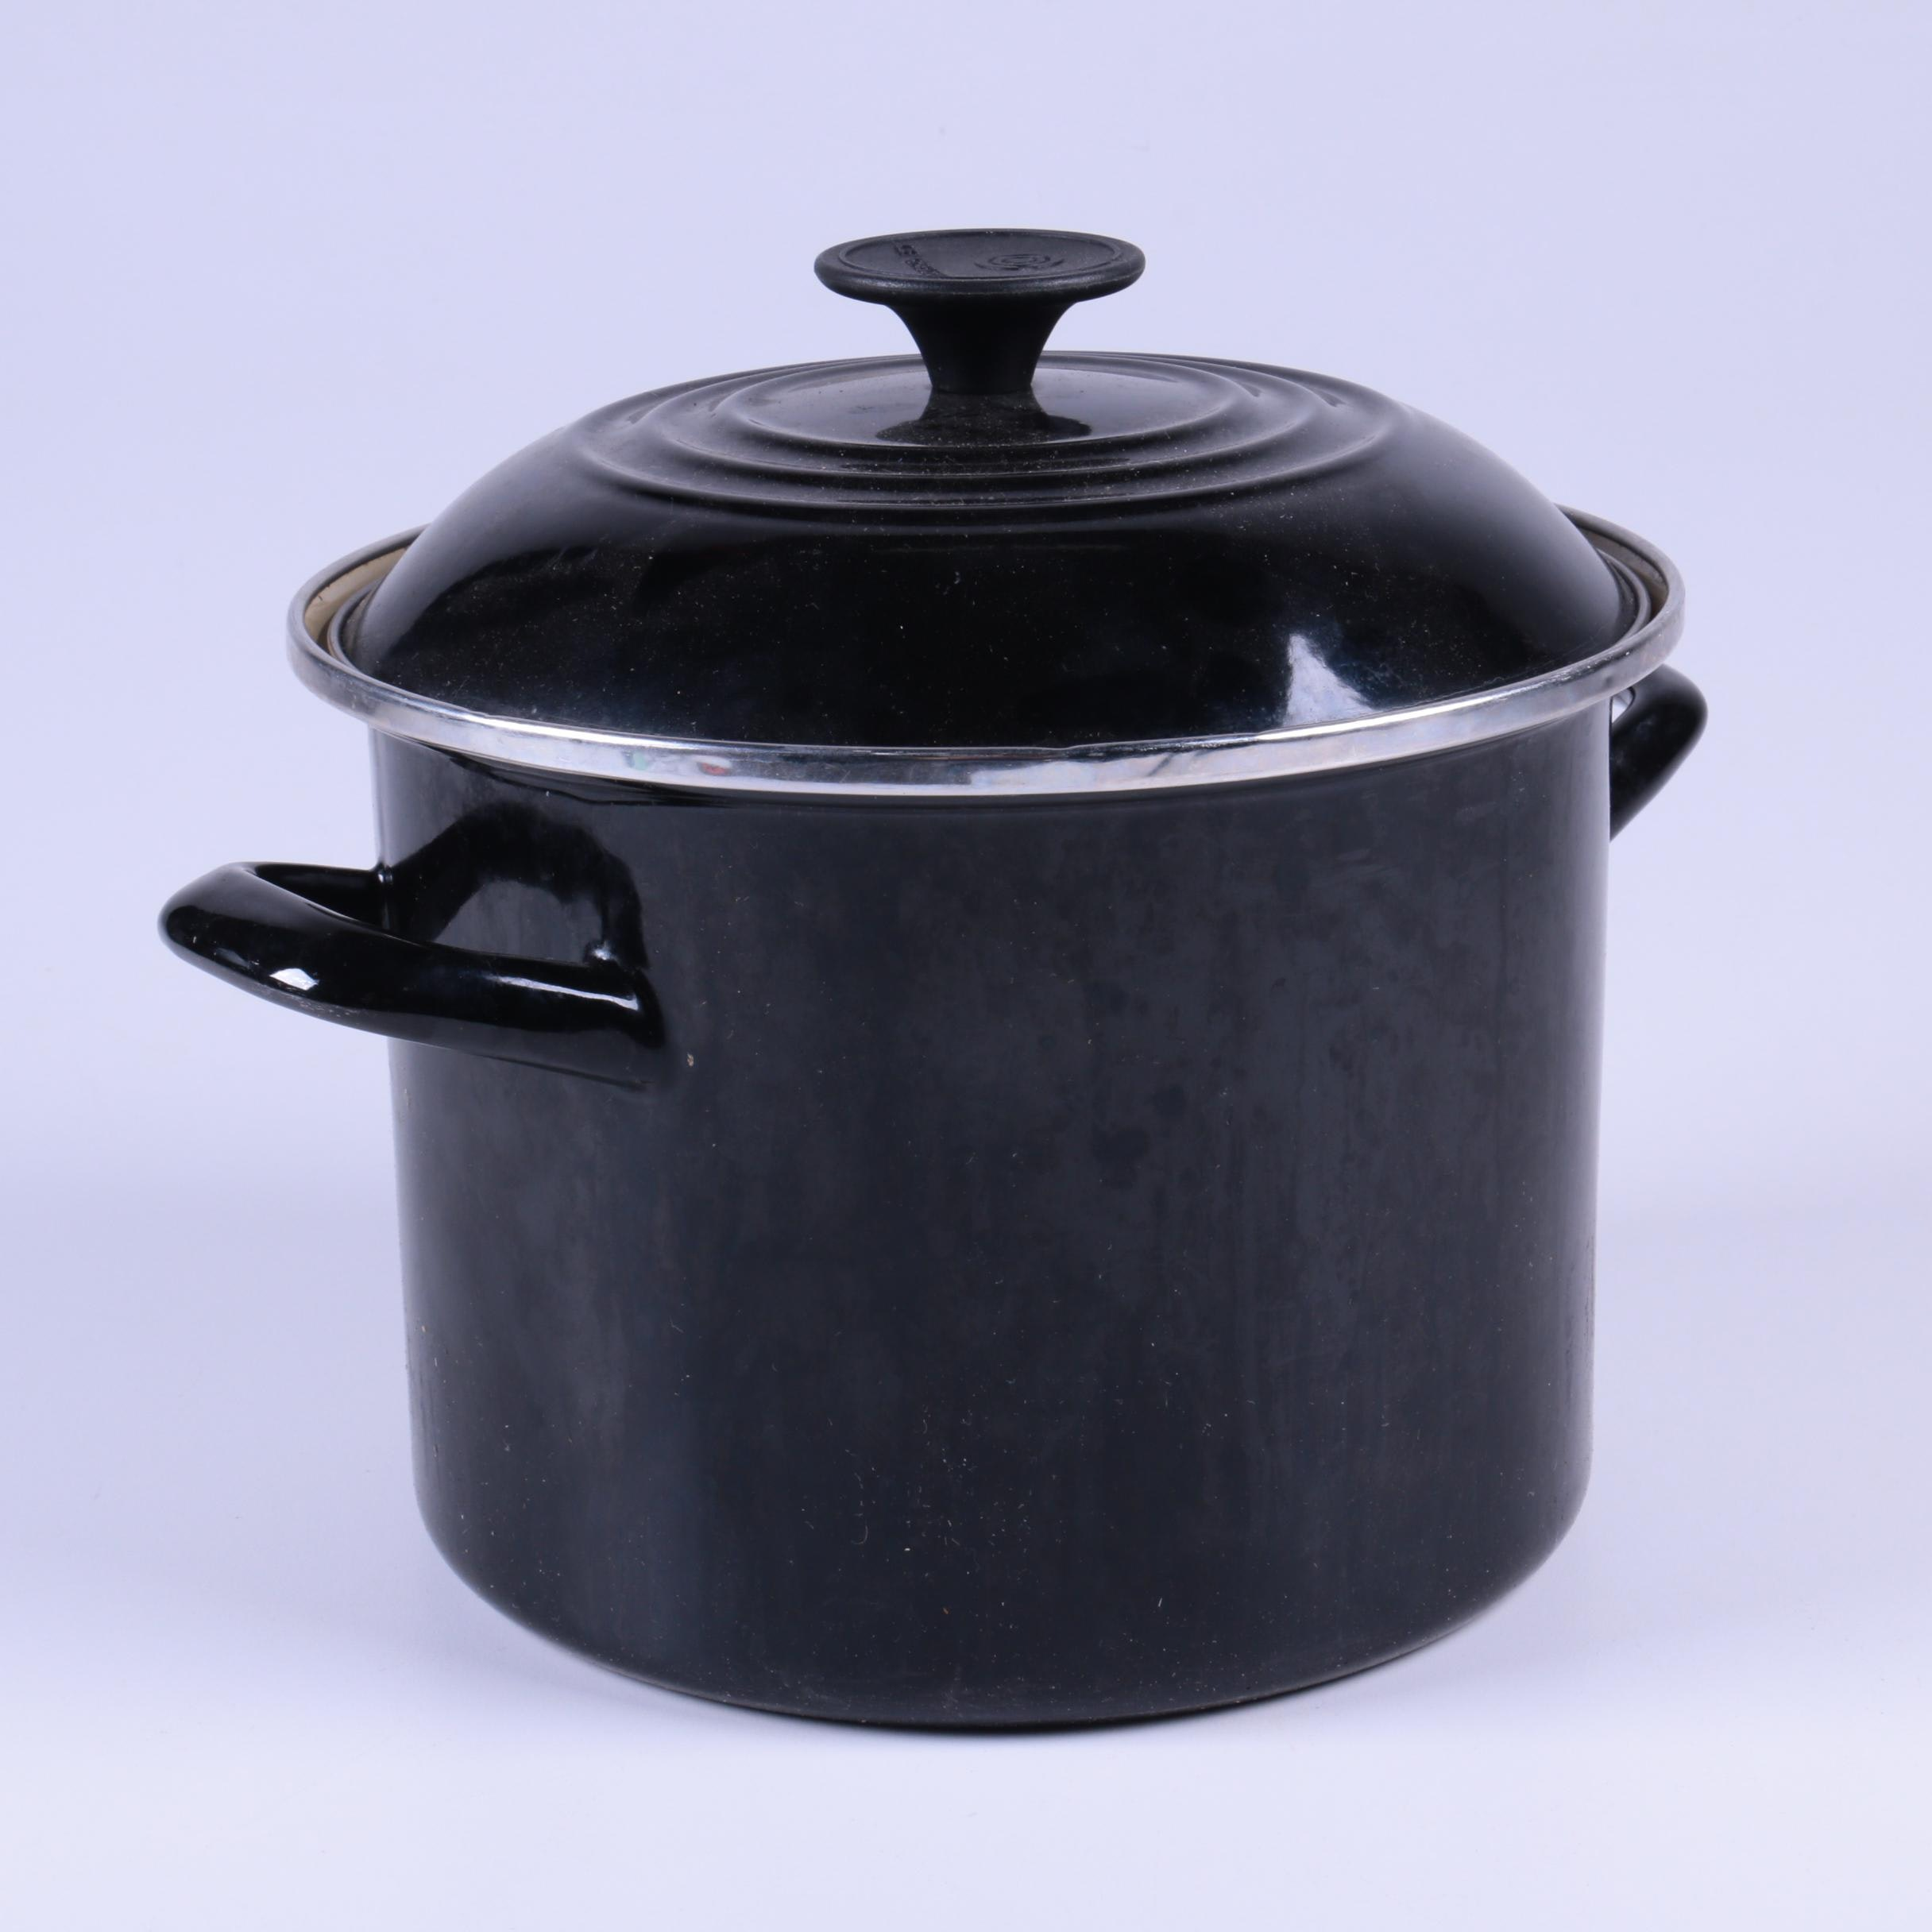 Le Creuset Black Stock Pot